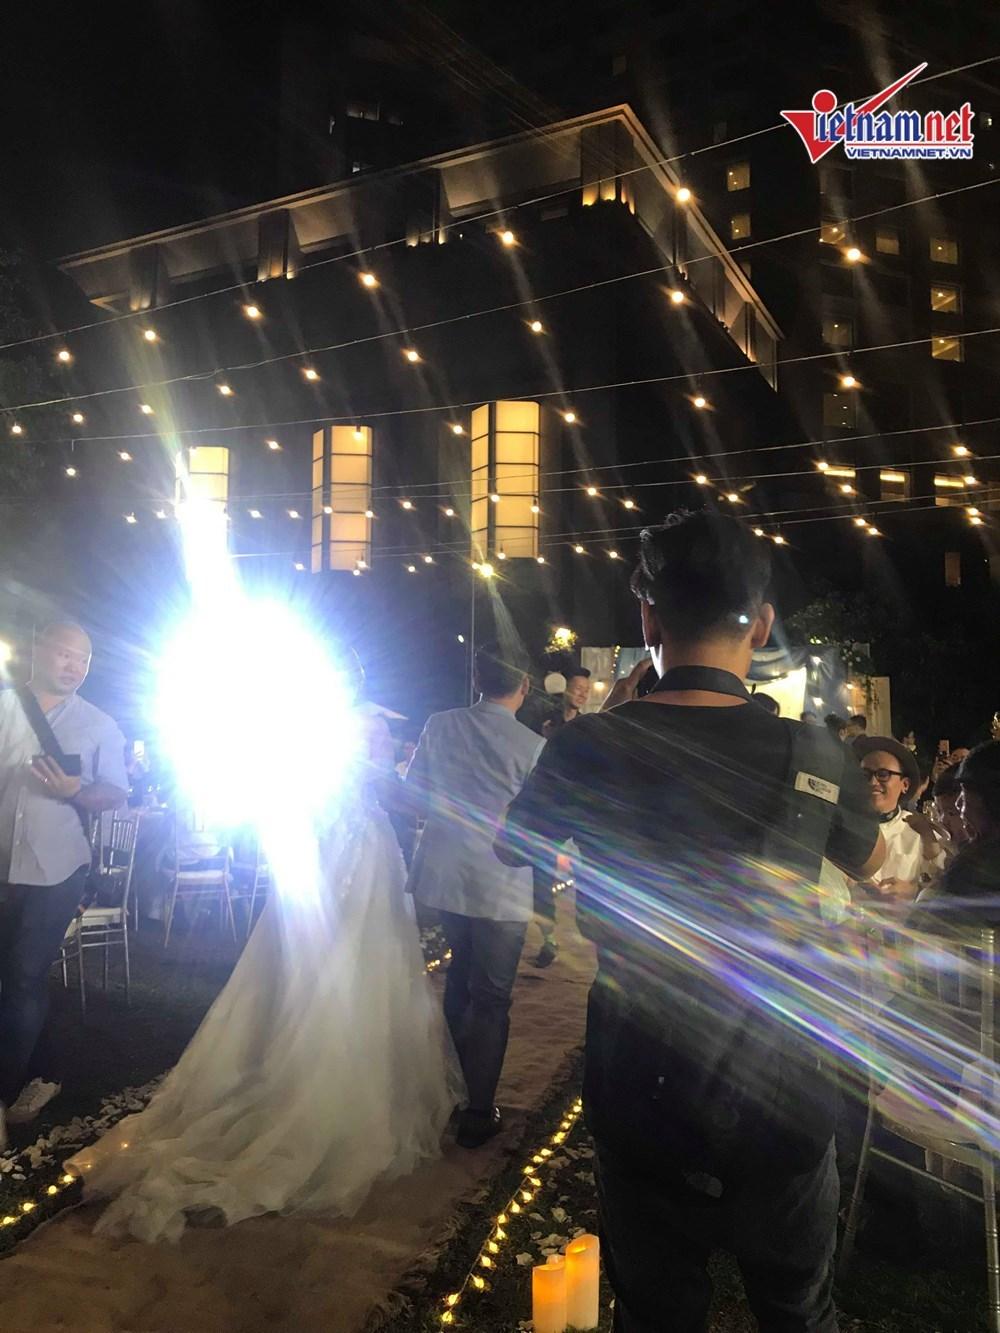 Đinh Tiến Đạt hát và khiêu vũ cùng vợ 9X trong đám cưới ngoài trời